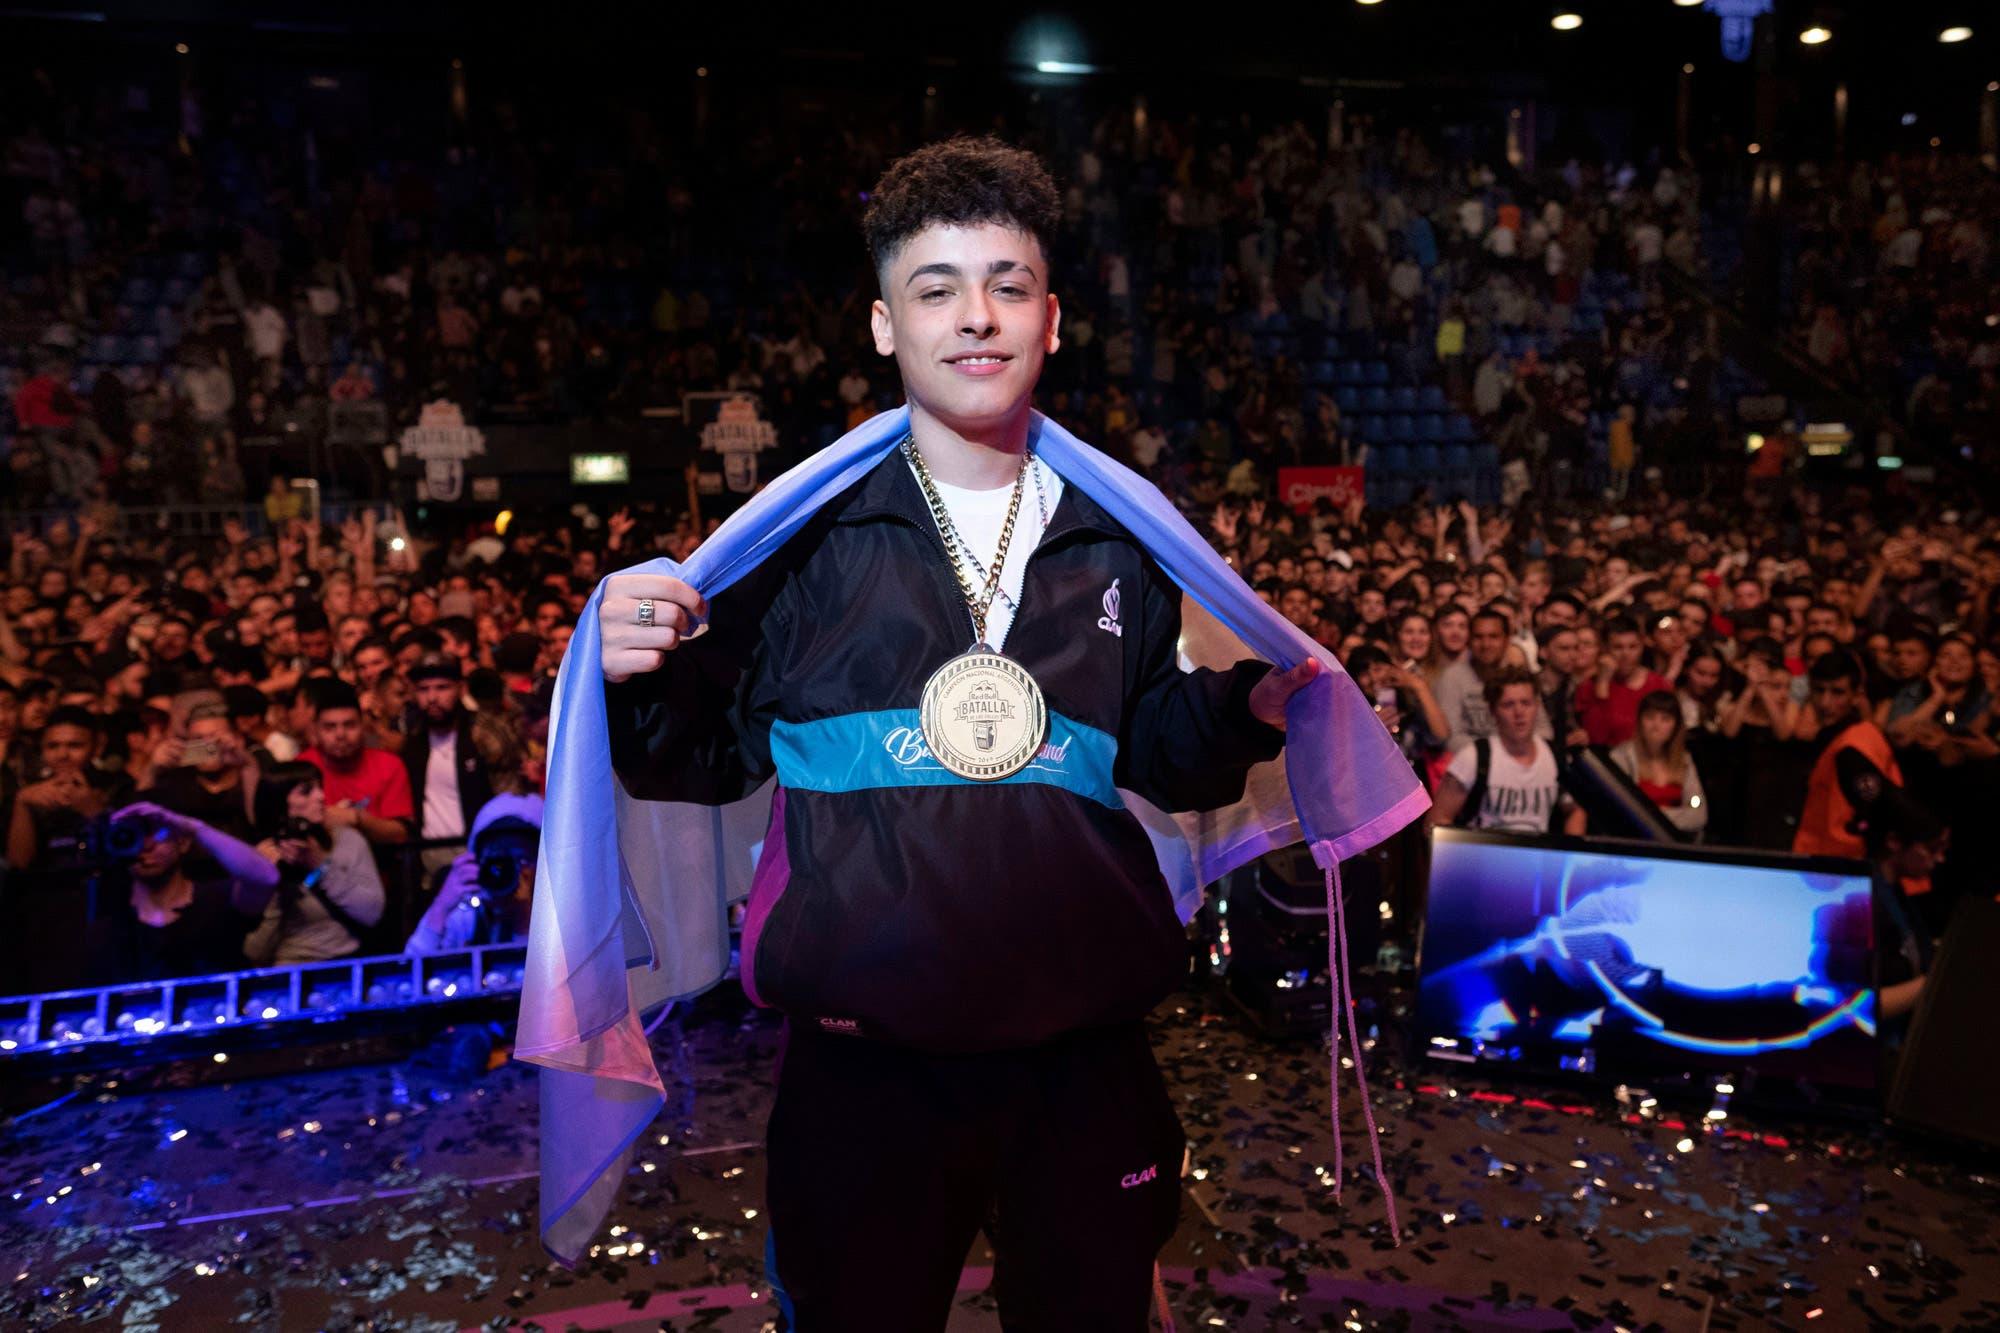 Cómo Trueno llegó a ser el campeón más joven de la historia de Batalla de los Gallos en Argentina